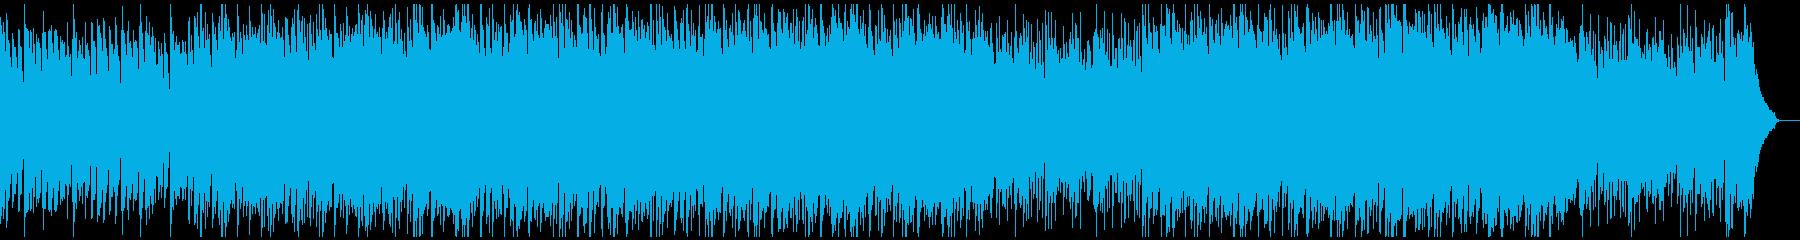 爽やかで弾むようなBGMの再生済みの波形